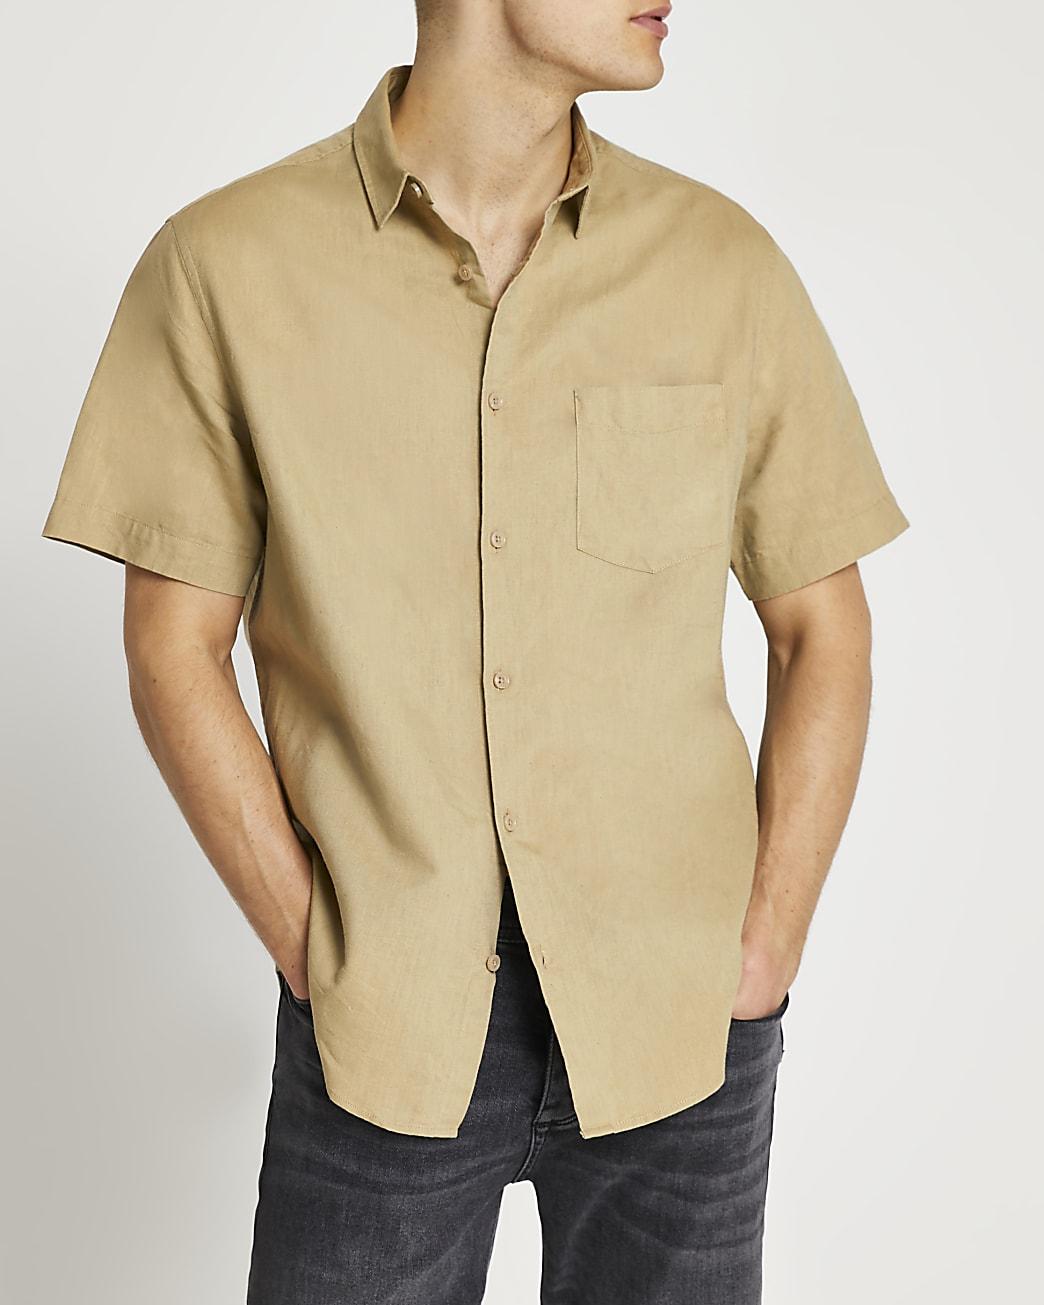 Green linen regular fit short sleeve shirt